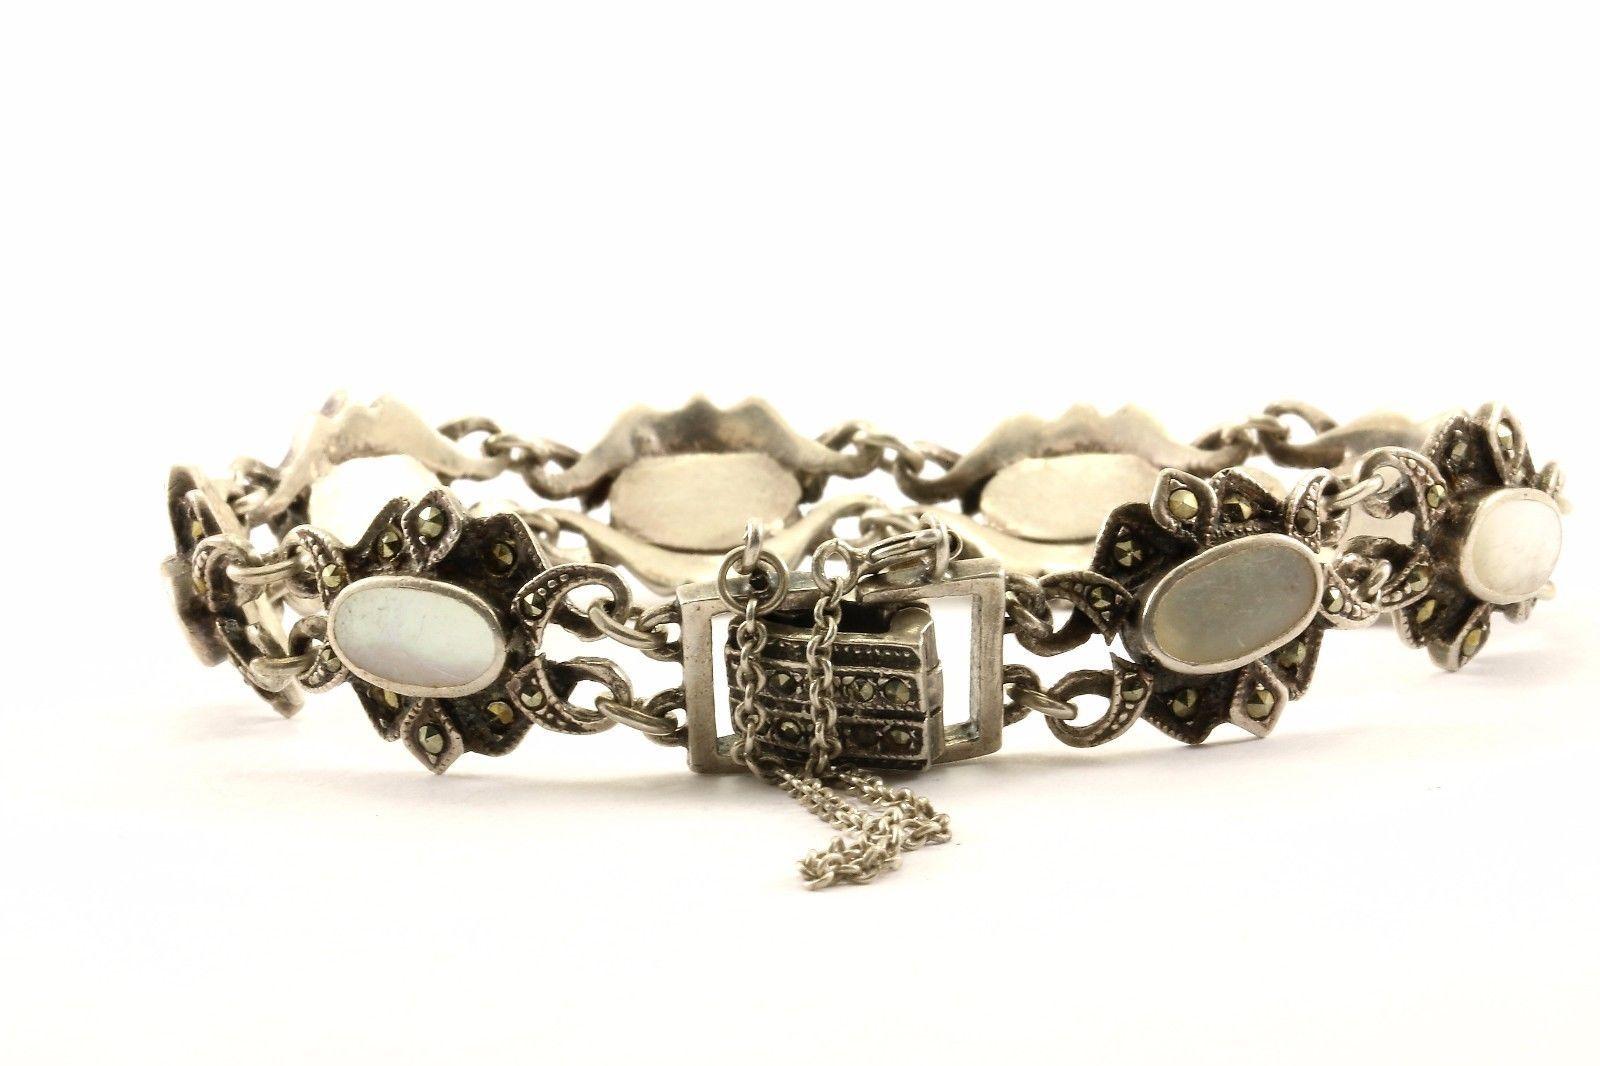 Vintage Floral Design Mother of Pearl Marcasite Bracelet Sterling Silver BR 2915